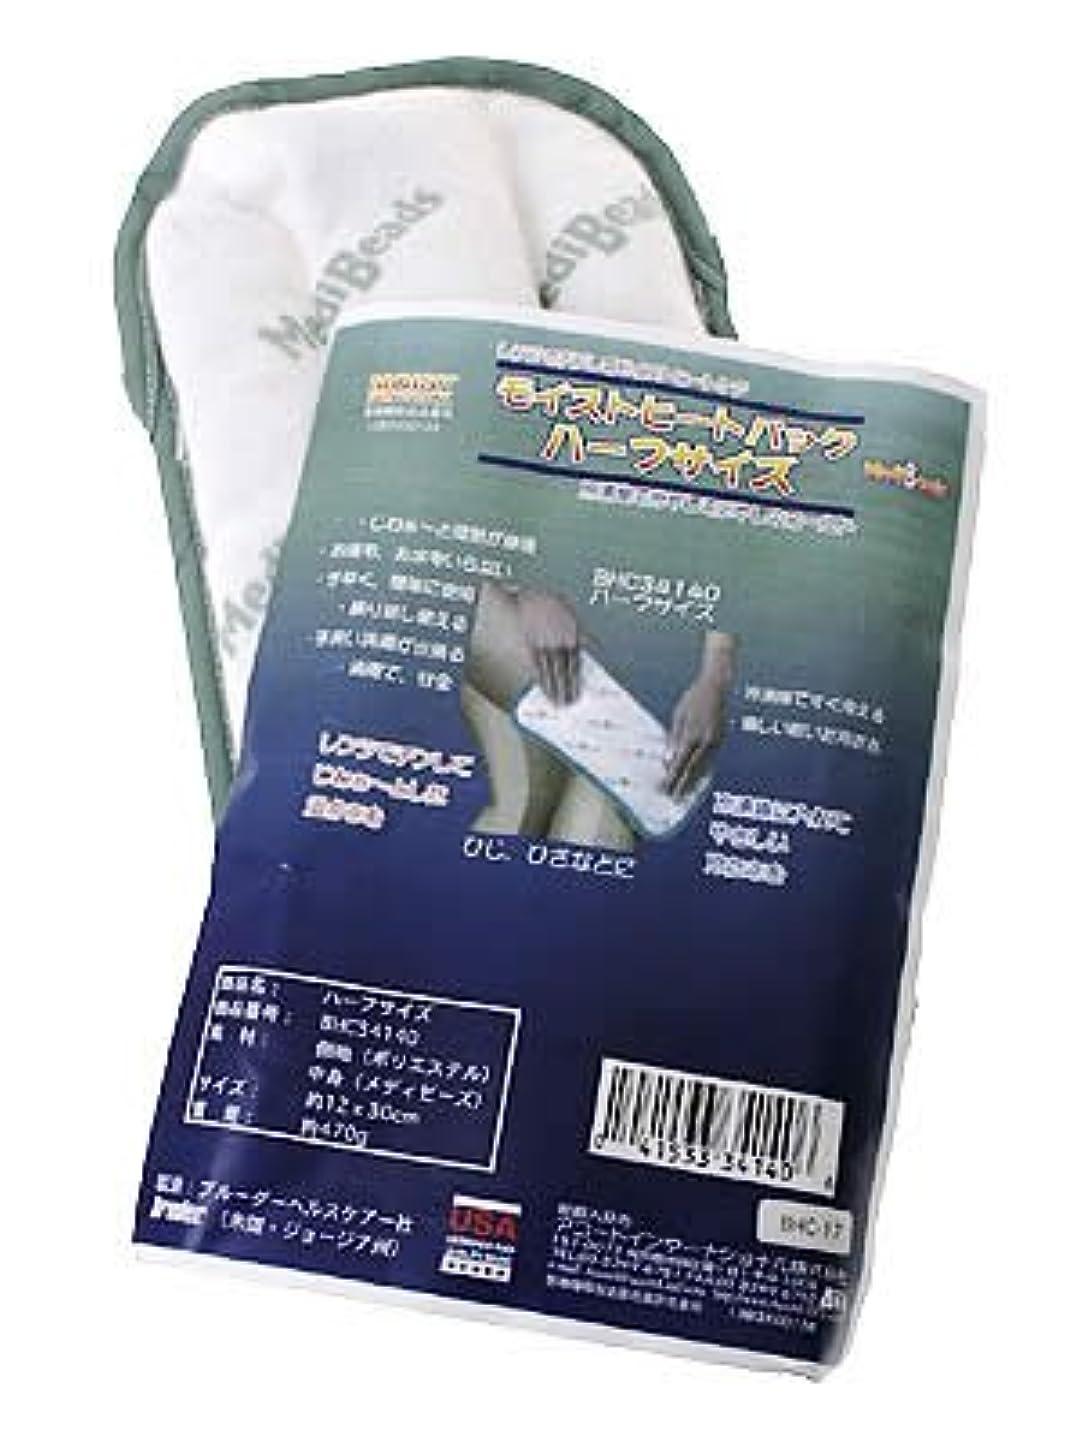 忌避剤ジャンクを除く【一般医療機器】アコードインターナショナル (BHC34140) モイストヒートパック メディビーズ (ハーフサイズ) 12×30cm 温湿熱パック 温熱療法